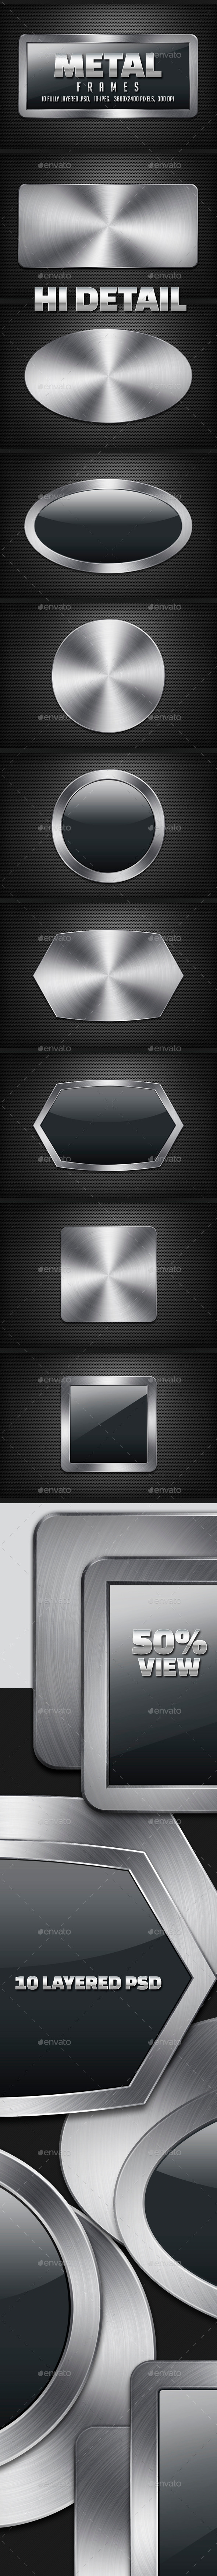 GraphicRiver Metal Frames 10046979